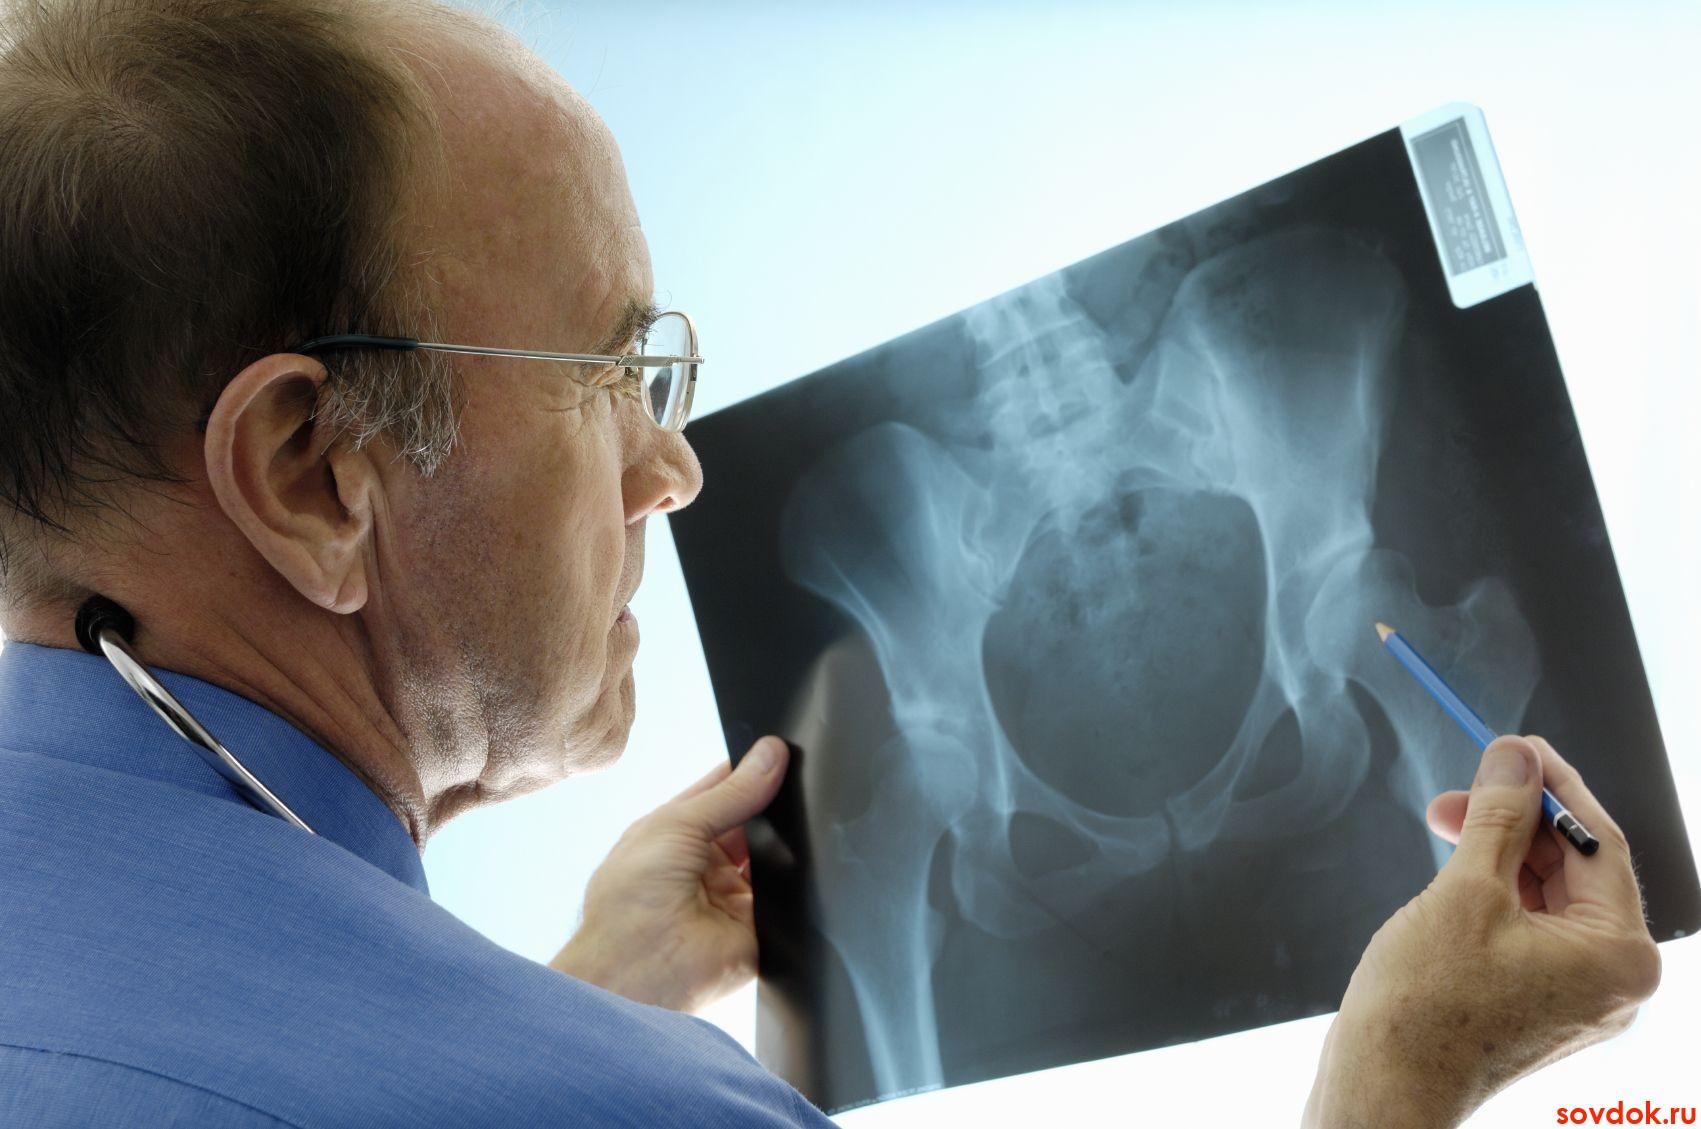 Влияние голимумаба  и памидроната на клиническую эффективность и воспаление при аксиальном спондилоартрите